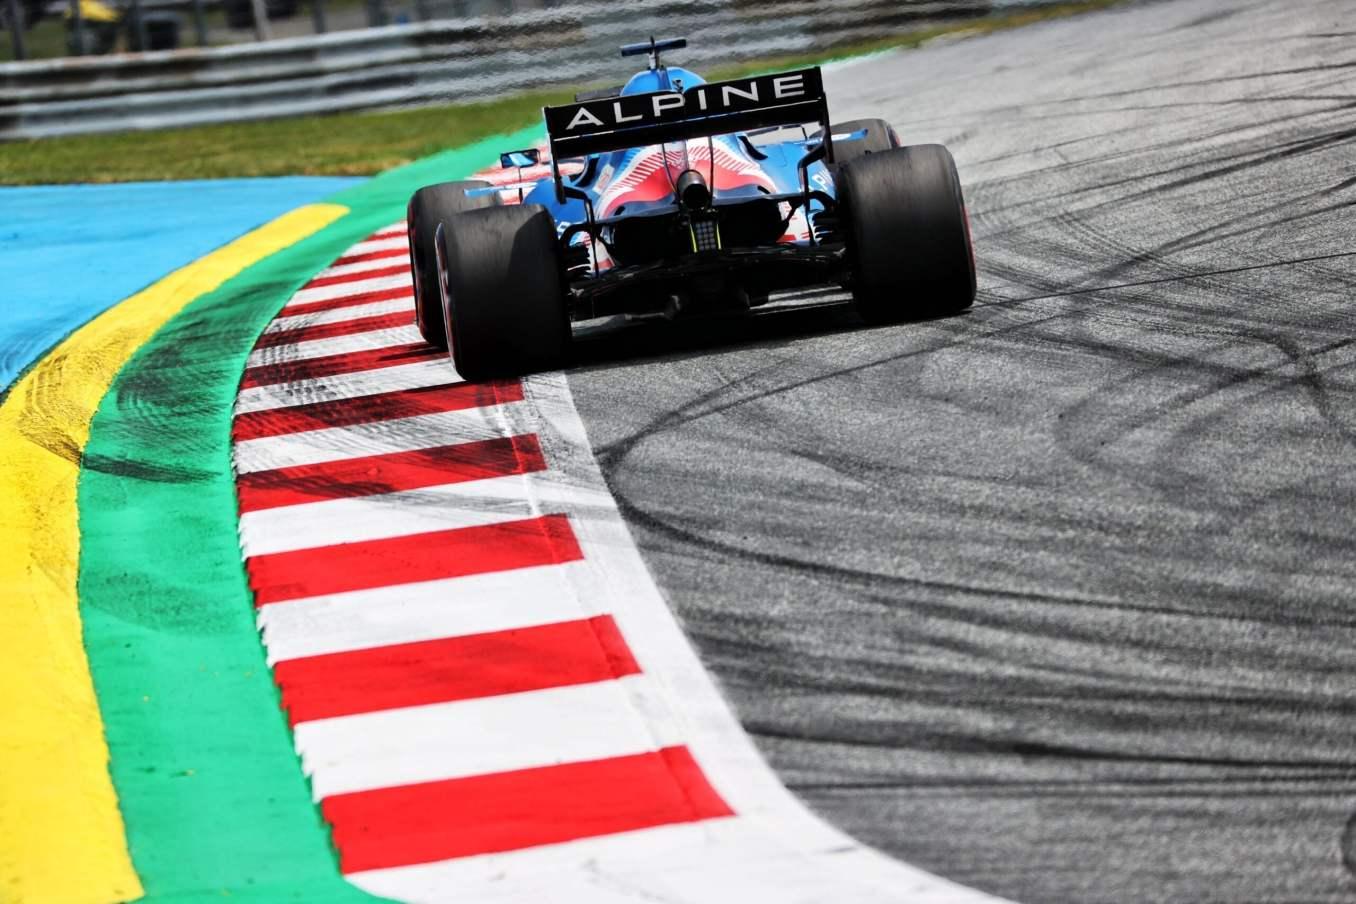 Alpine F1 Team Alonso Ocon Autriche Steiermark Grand Prix Spielberg A521 2021 22 scaled | Alpine F1 : Alonso réitère la Q3 et Ocon trébuche en Q1 à Spielberg